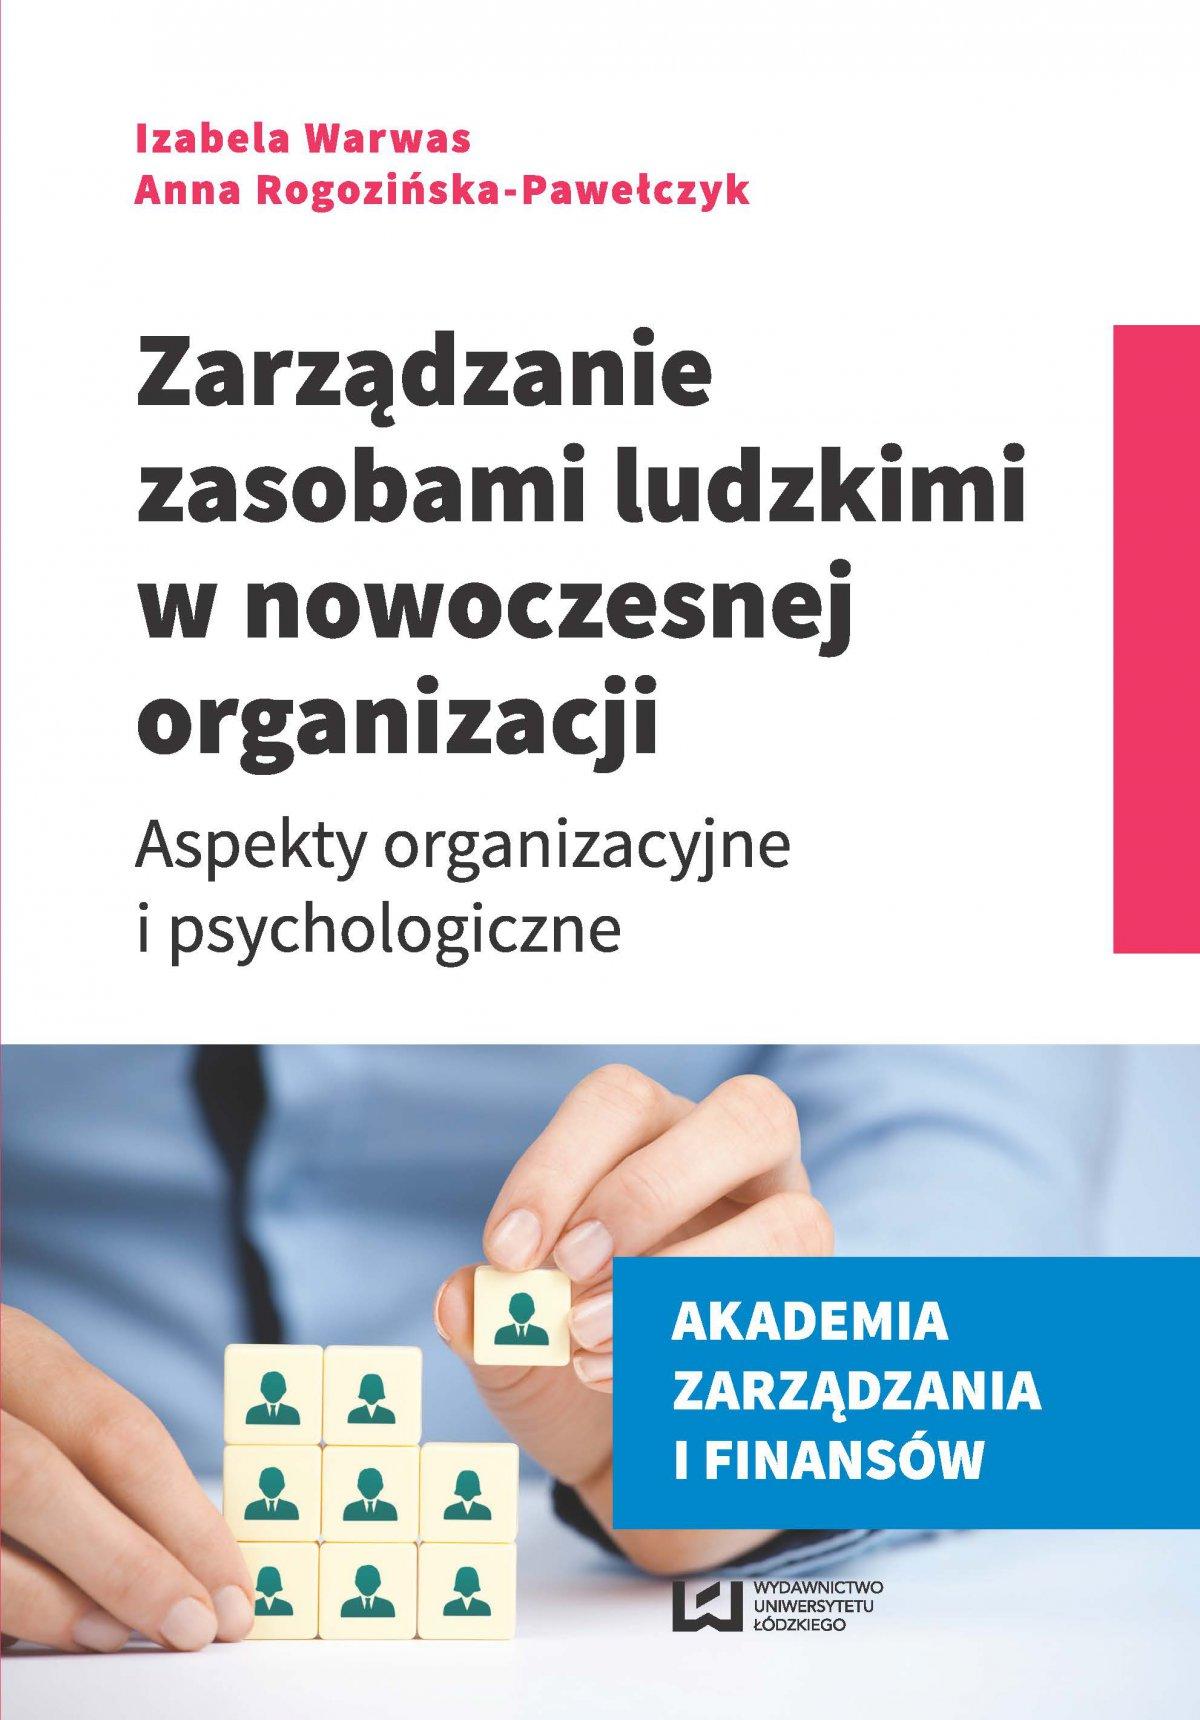 Zarządzanie zasobami ludzkimi w nowoczesnej organizacji. Aspekty organizacyjne i psychologiczne - Ebook (Książka PDF) do pobrania w formacie PDF